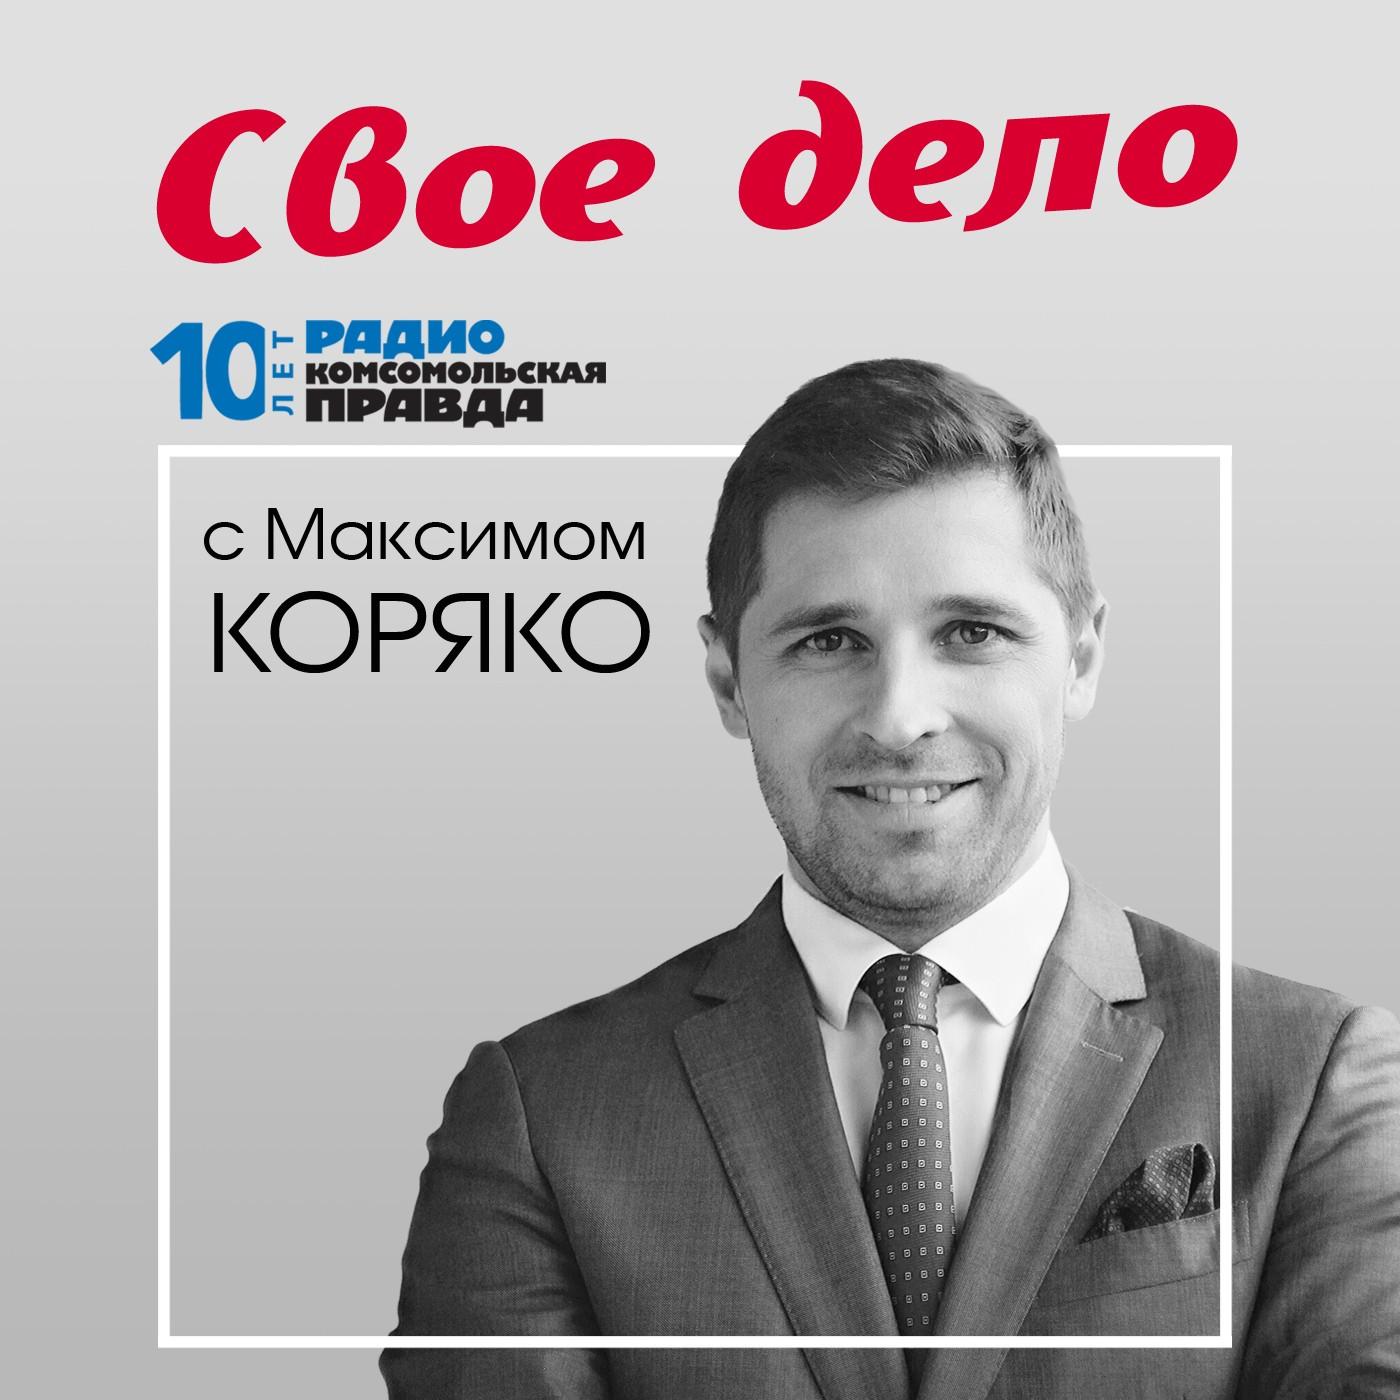 Радио «Комсомольская правда» Вопросы себе перед открытием бизнеса питер джеферсон бизнес снуля до